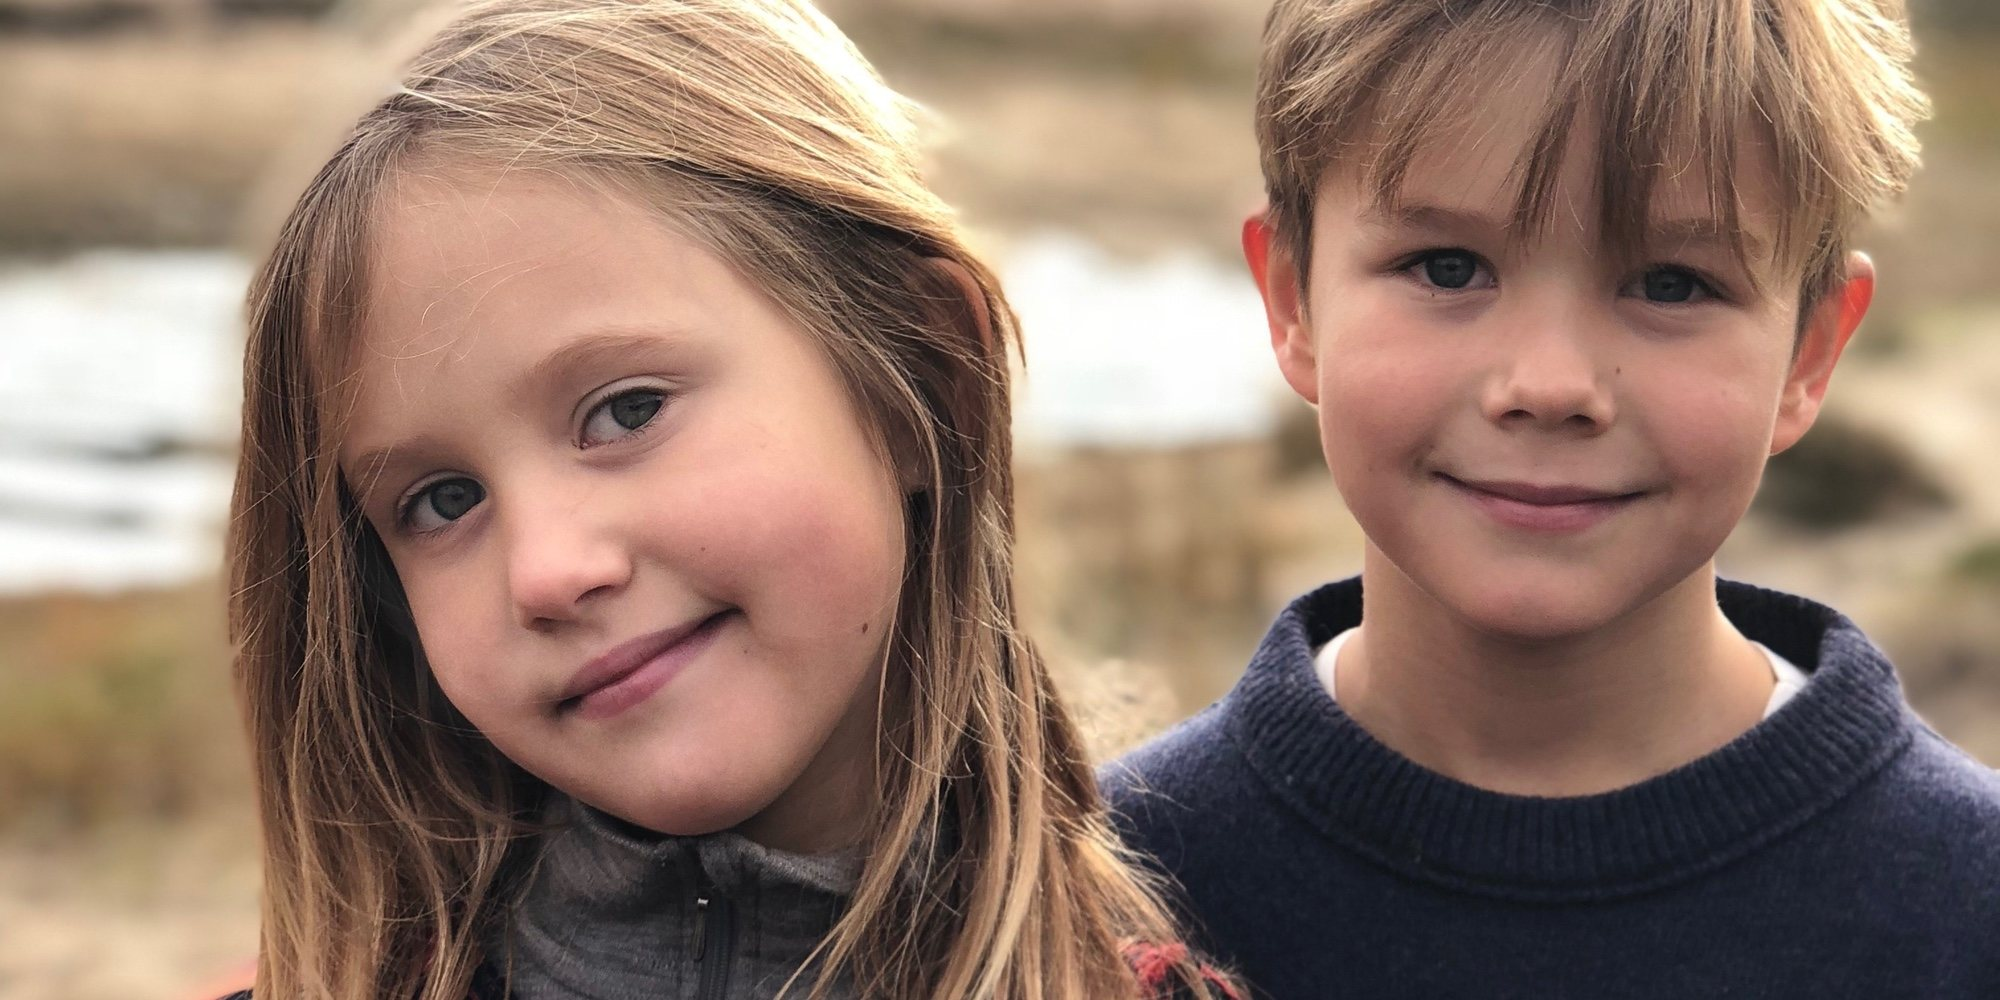 Vicente y Josefina de Dinamarca, dos tiernos y adorables hermanos en la celebración de su 8 cumpleaños